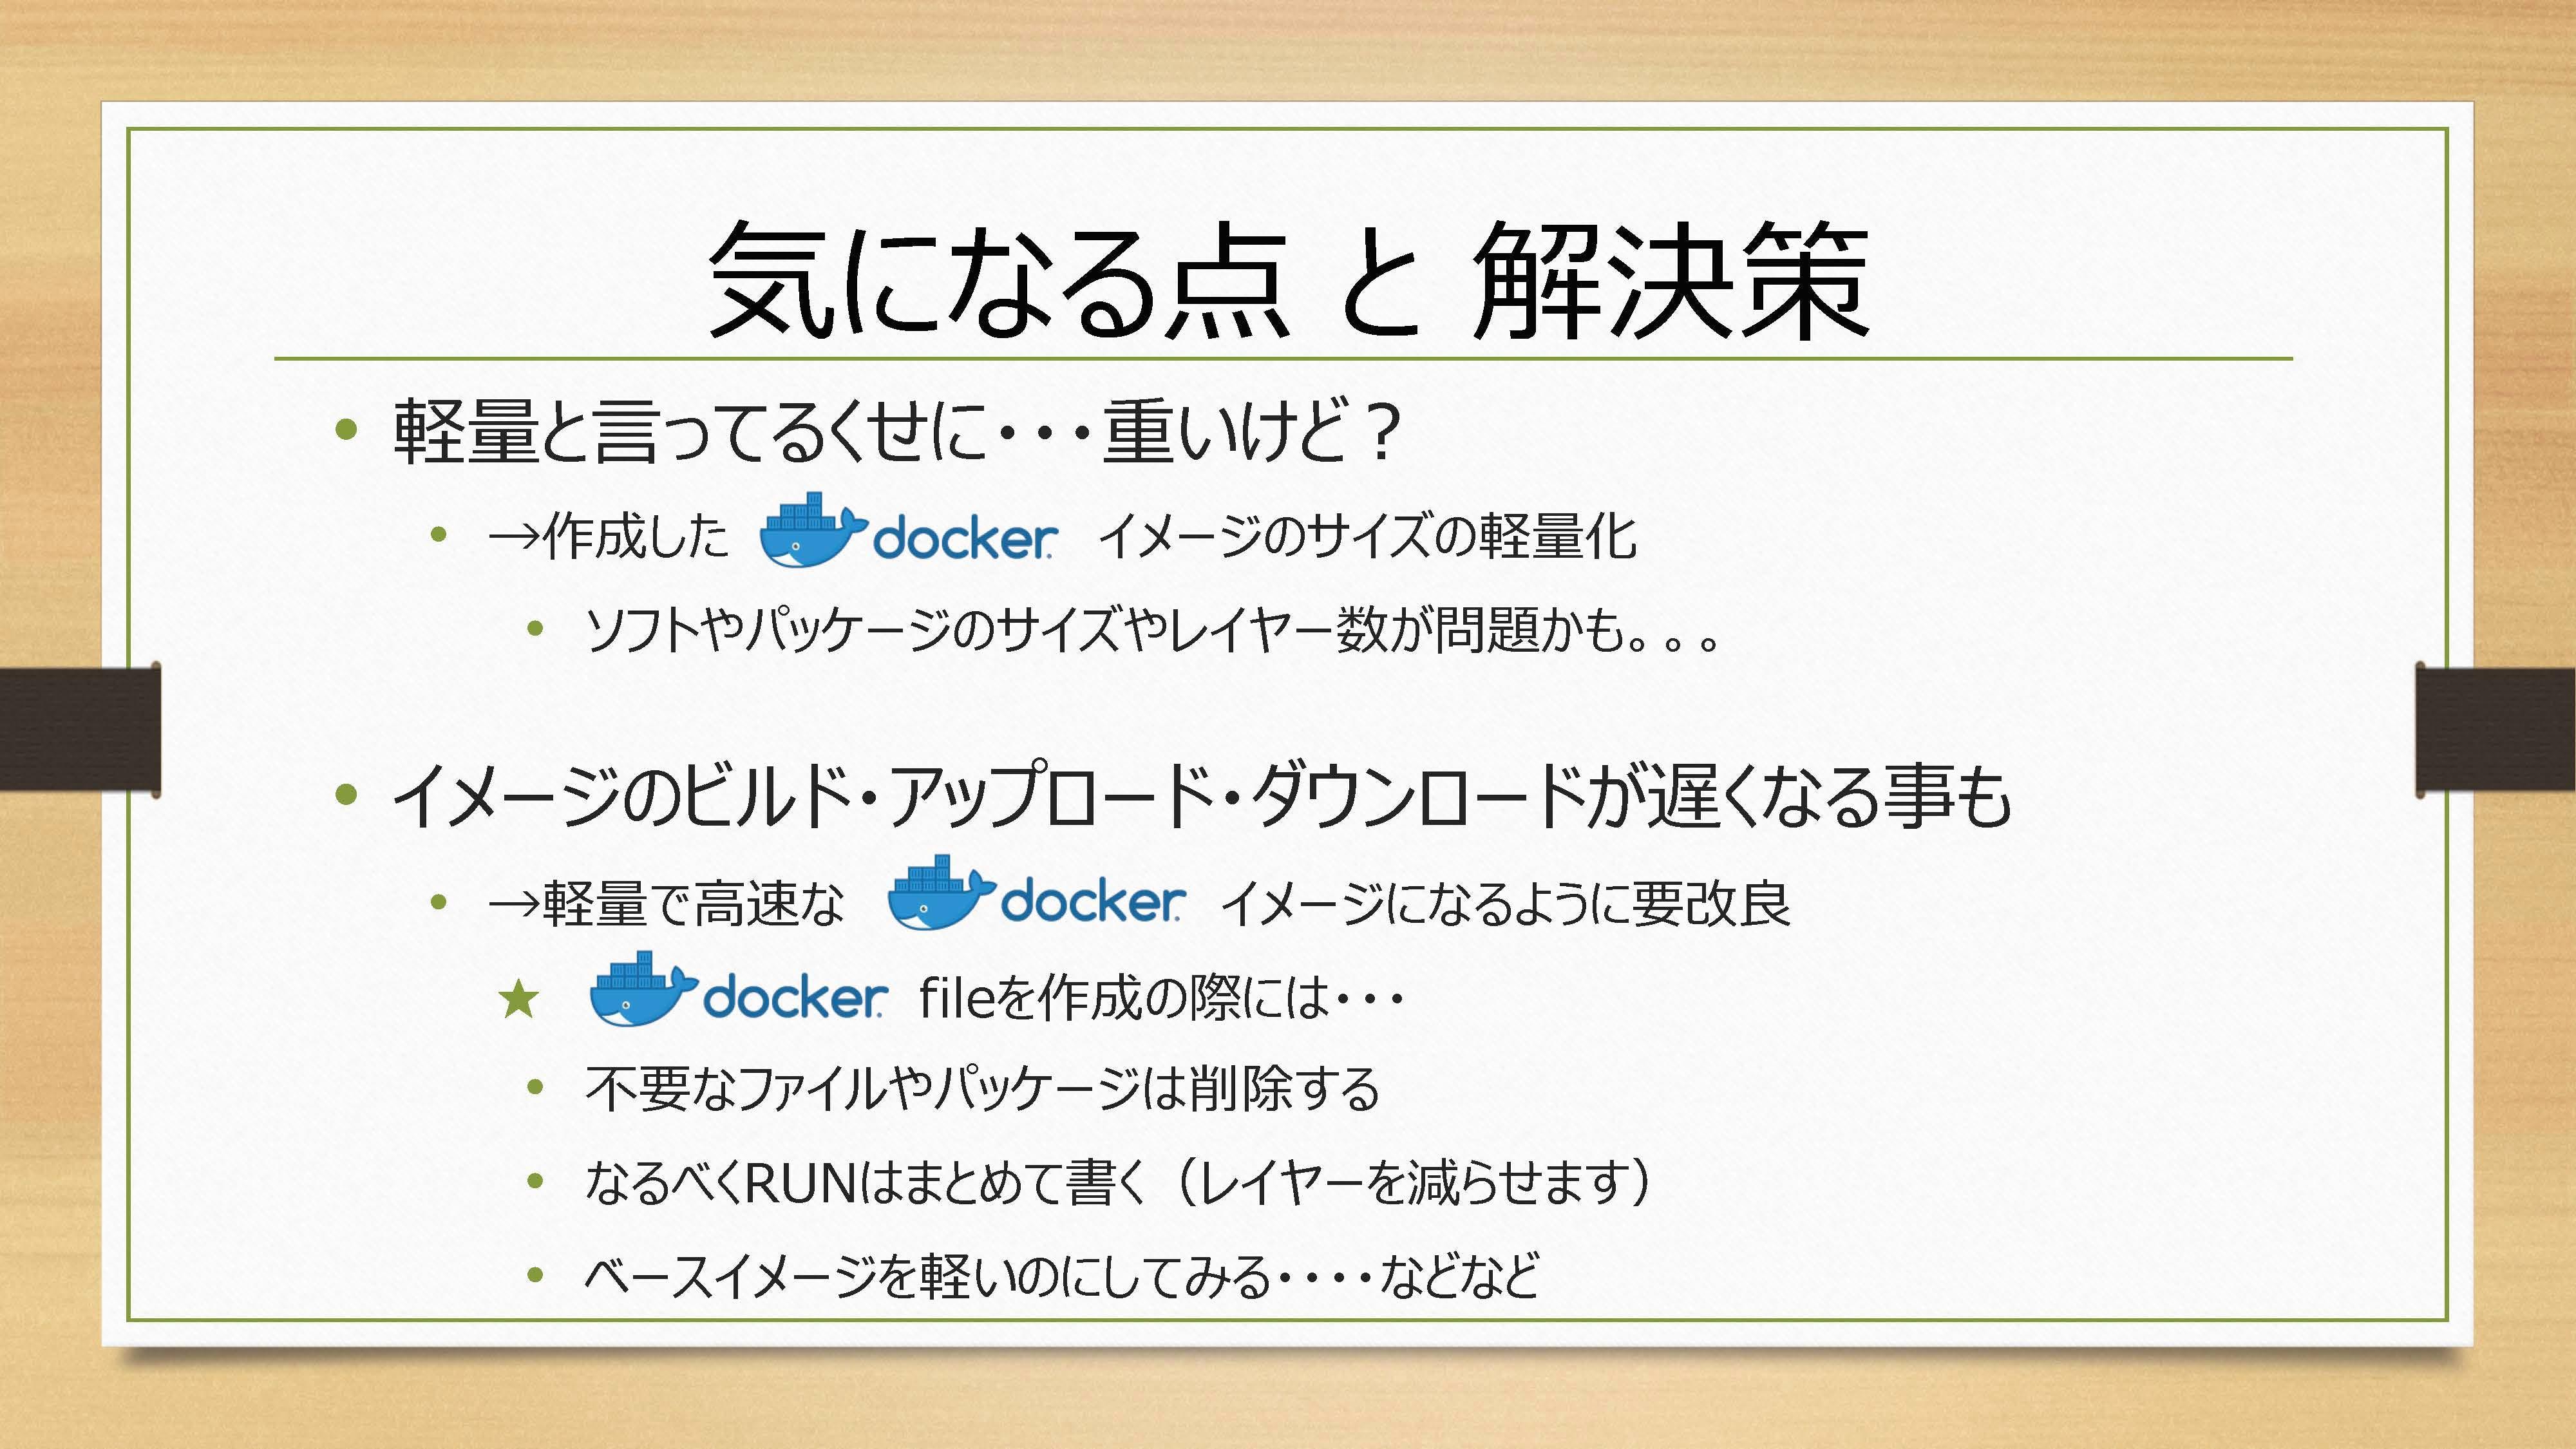 つるおか_ページ_29.jpg